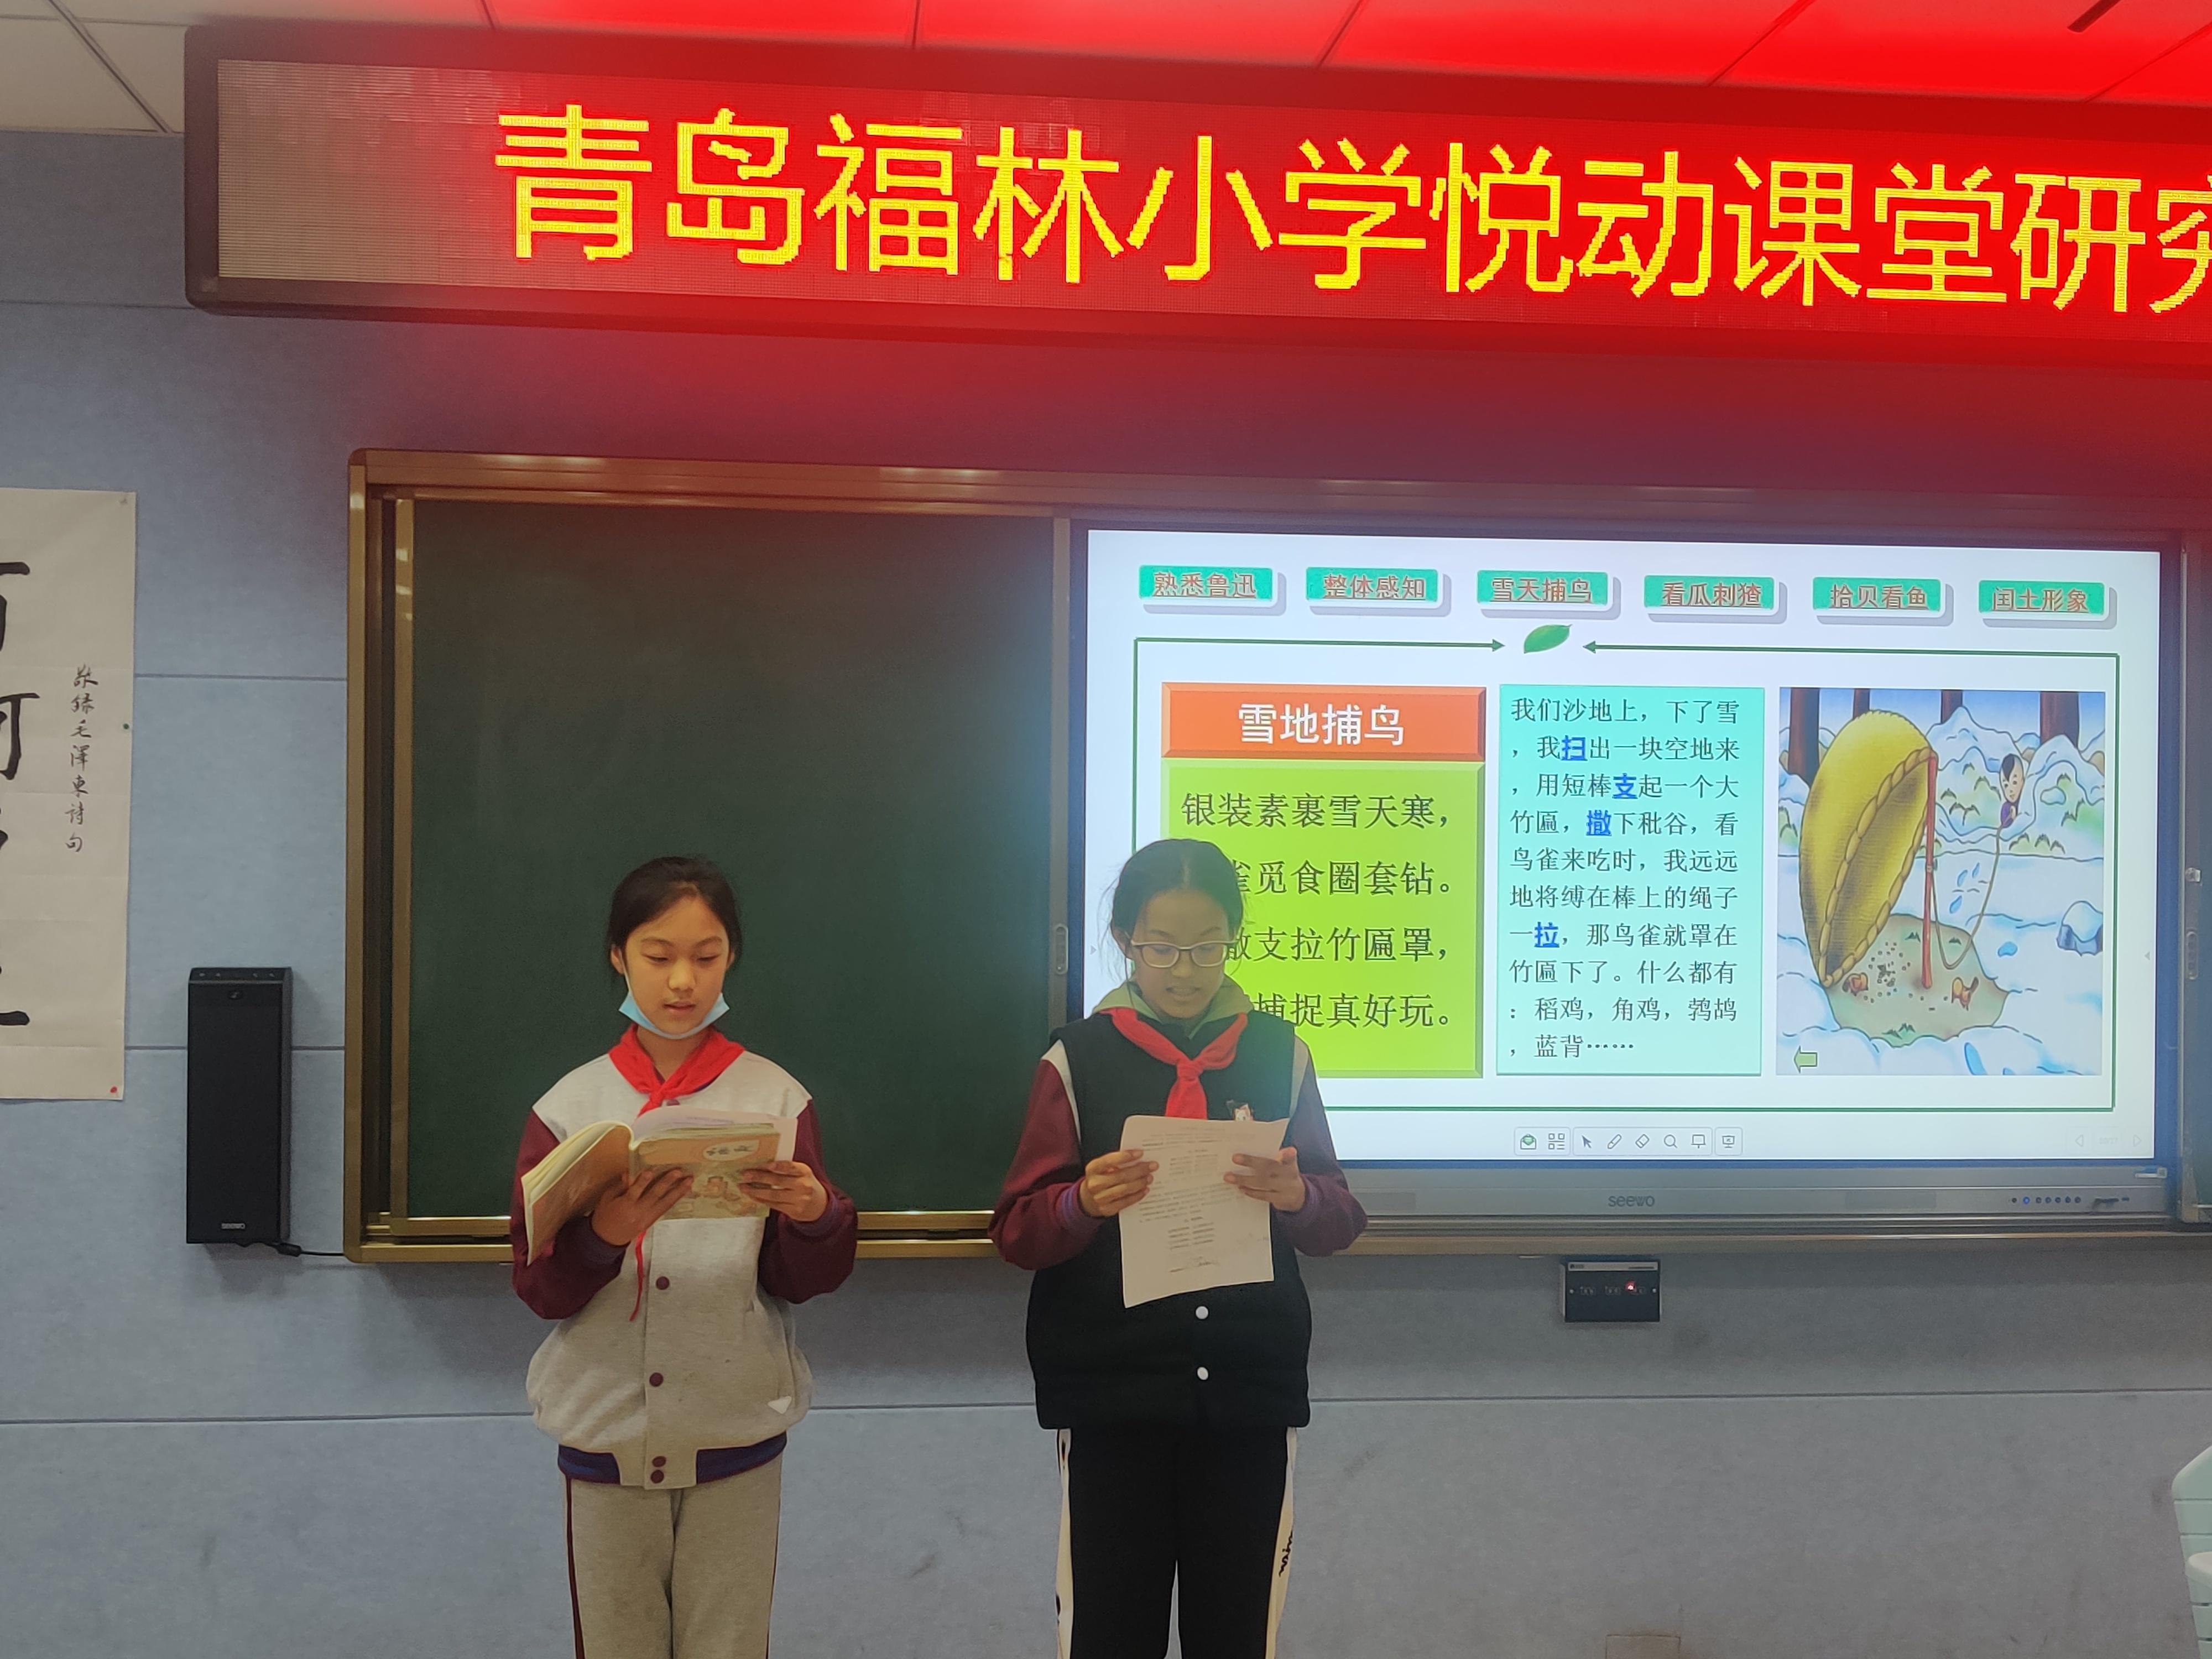 青岛福林小学:让学生悦动起来,演绎课堂精彩生成